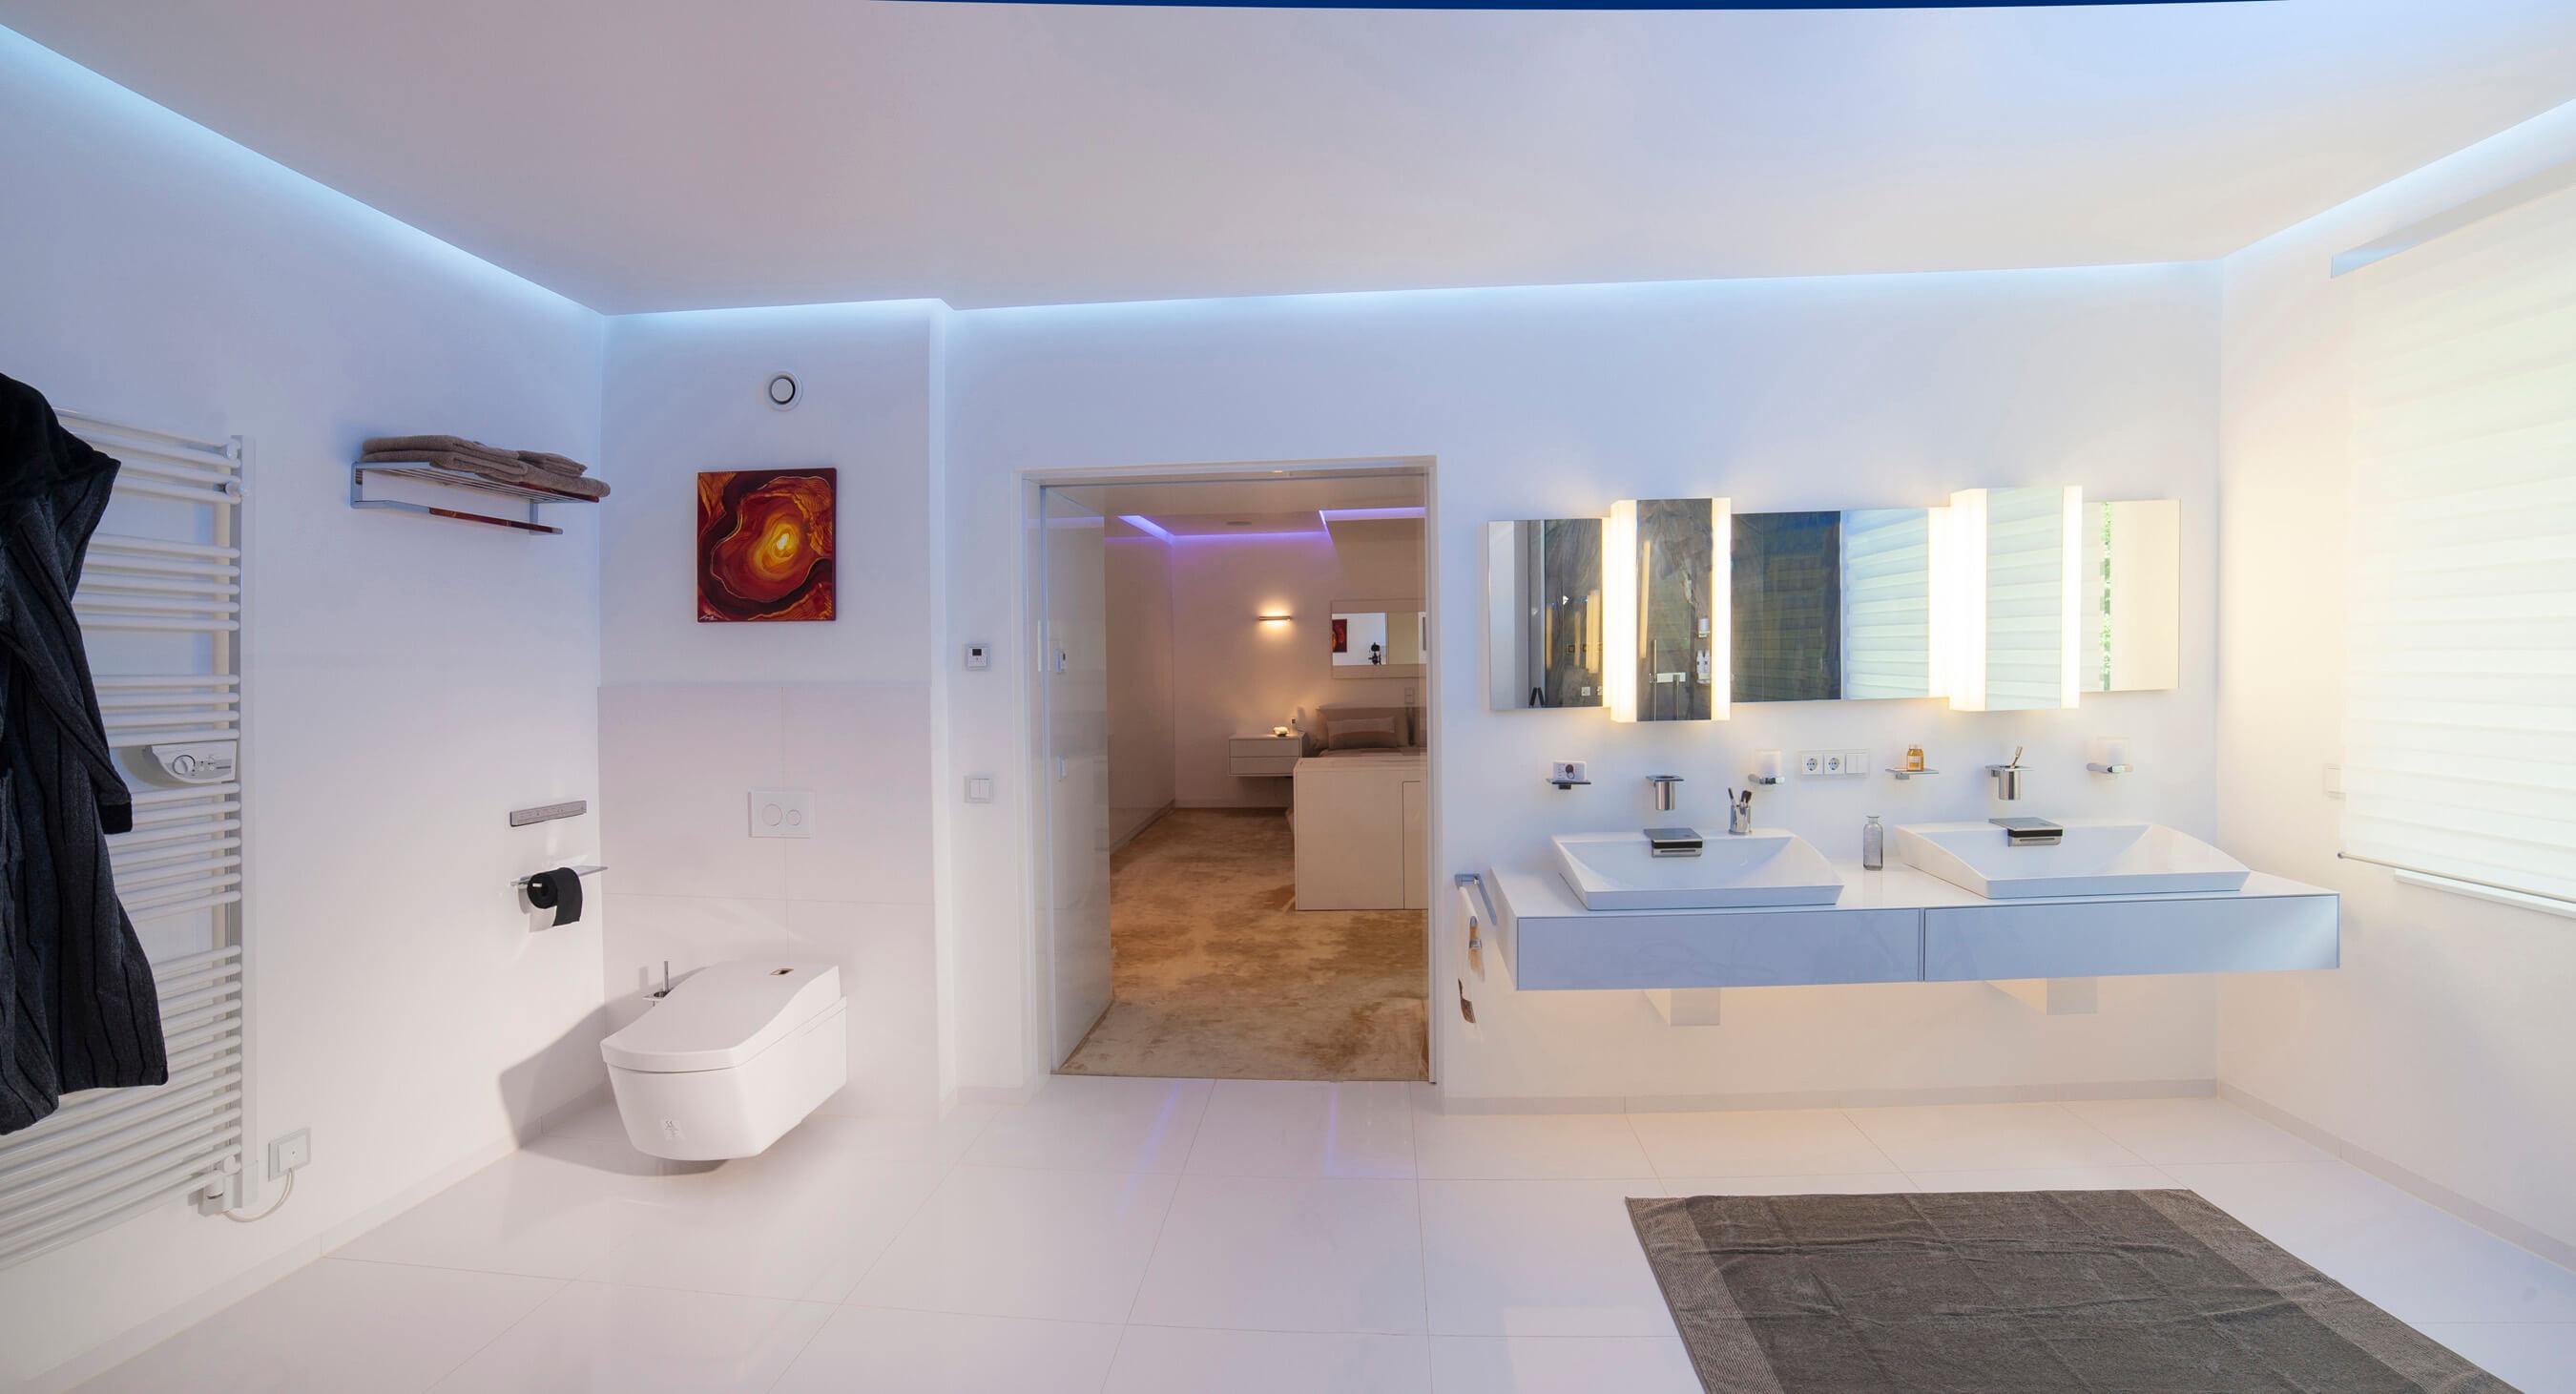 Luxus Badezimmer Luxurises Badezimmer Design vom Profi